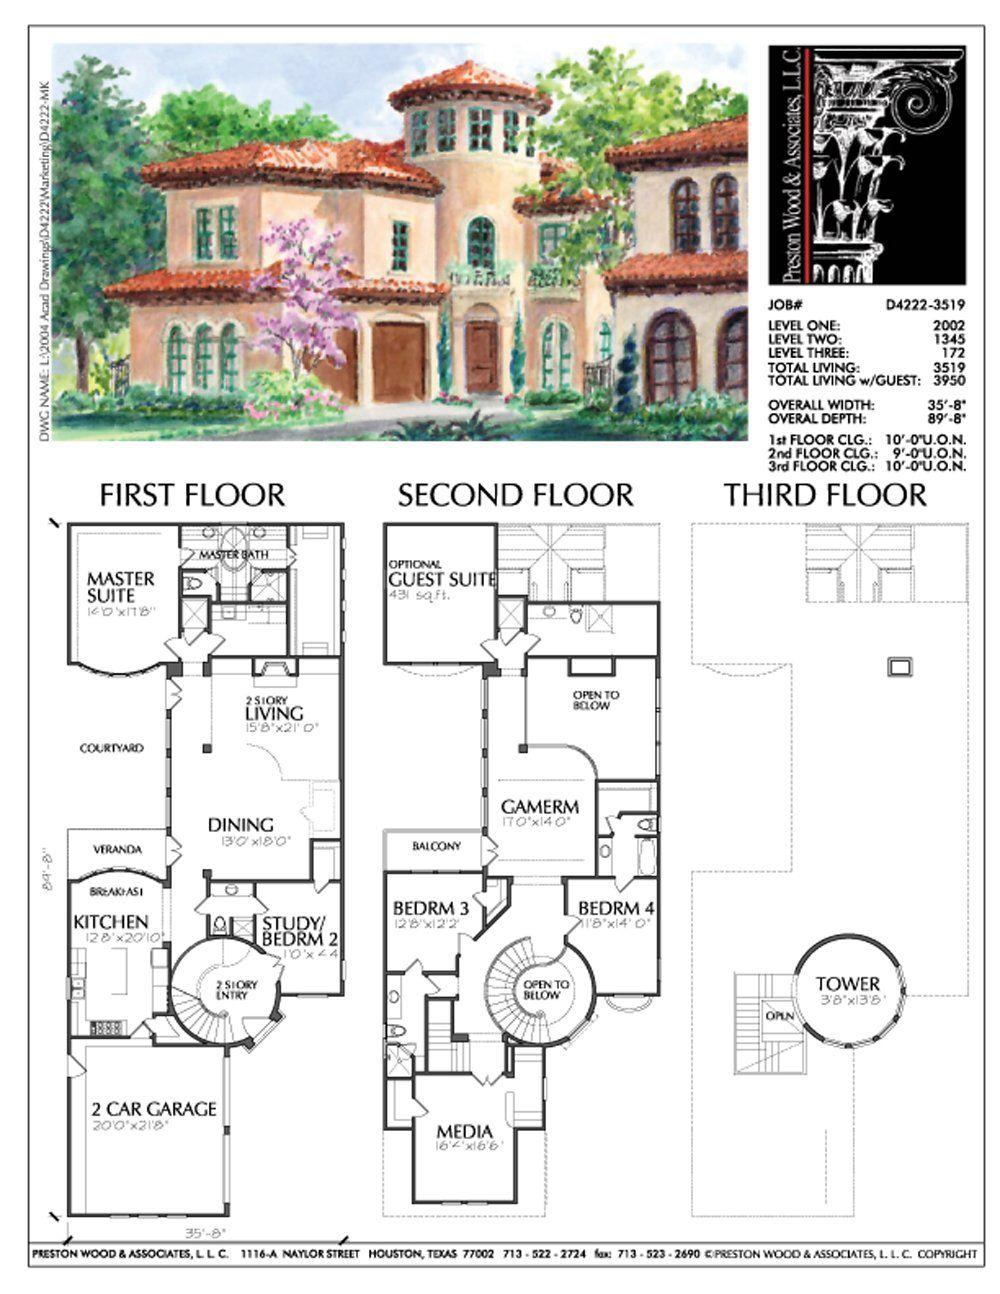 story house plan residential floor plans family home blueprints   preston wood associates also rh in pinterest